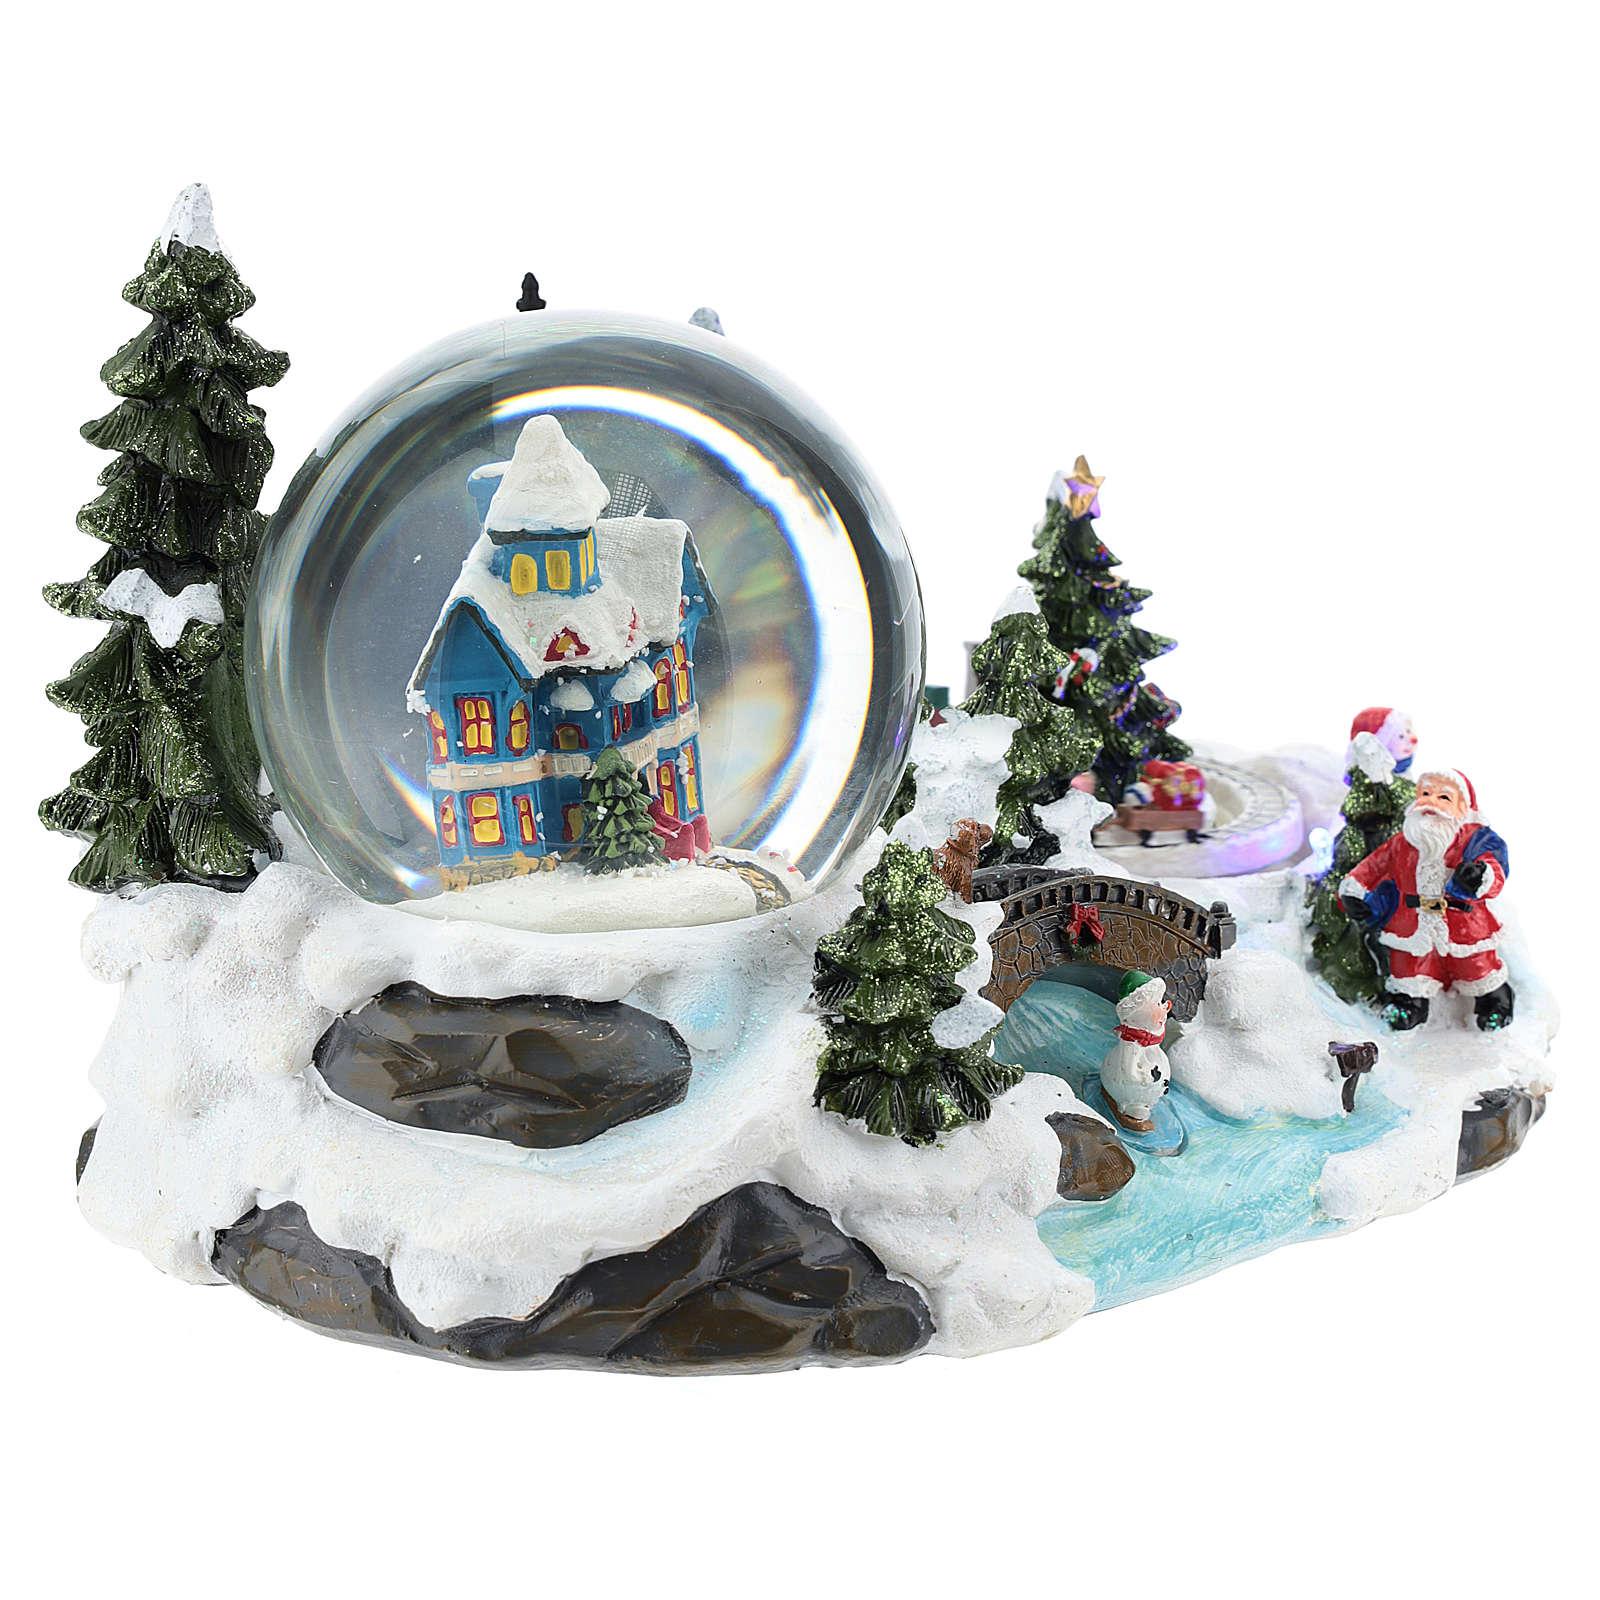 Ambientación navideña con bola de nieve y tren 15x25x15 cm 3